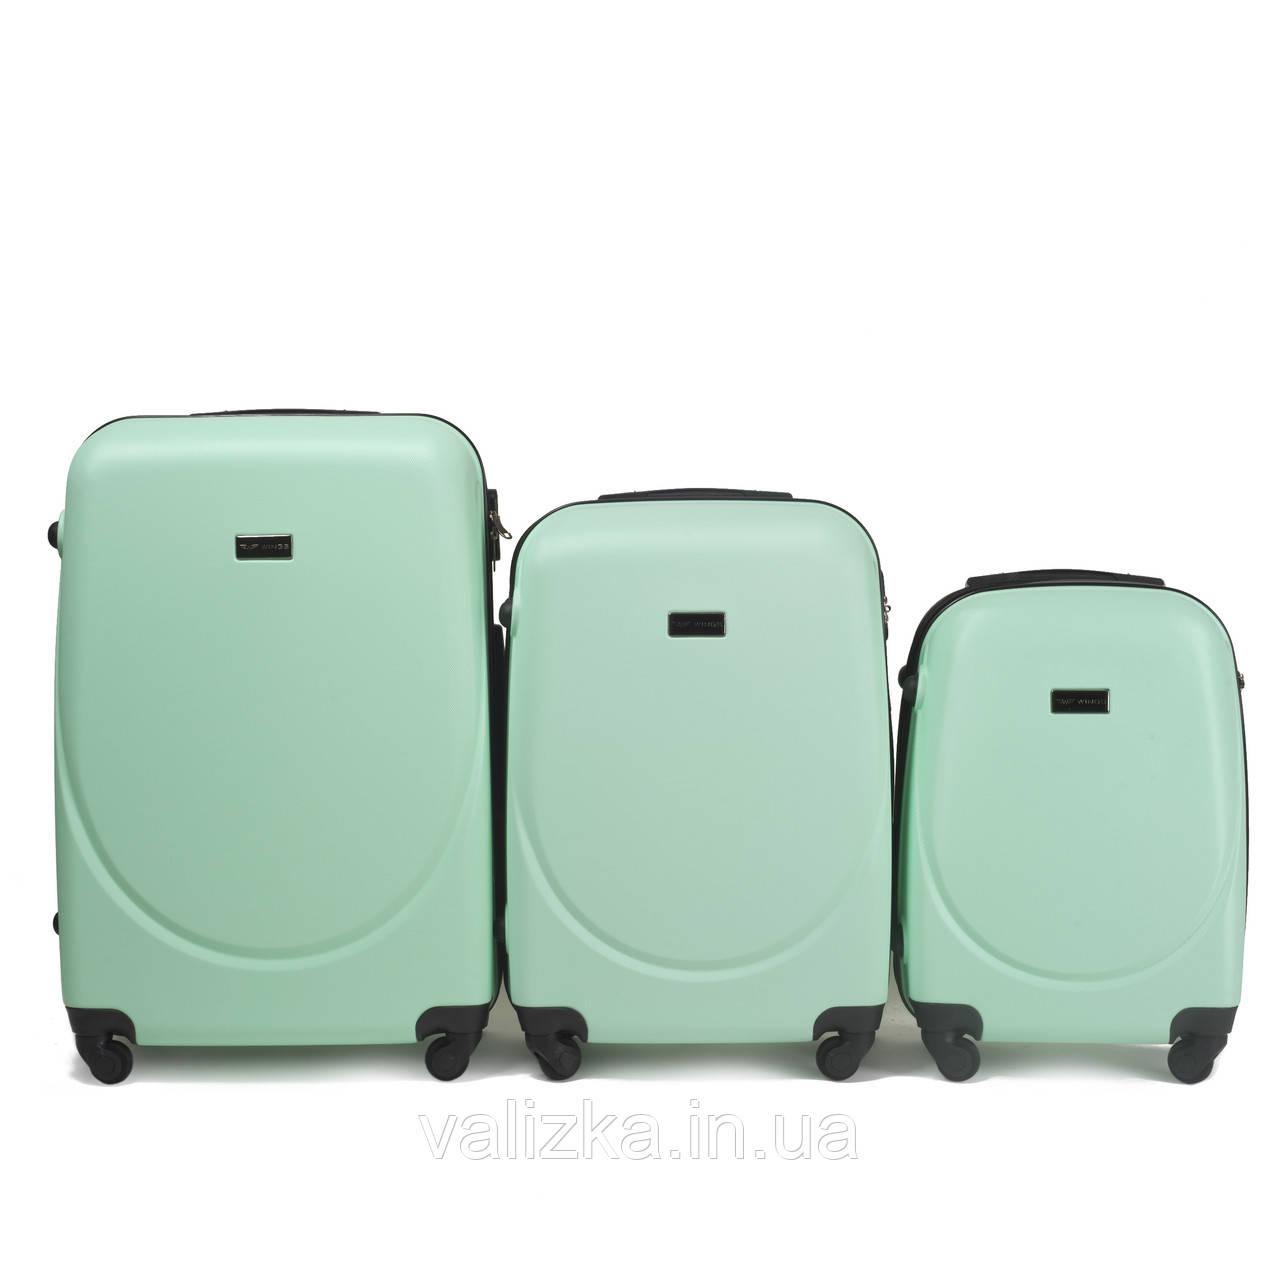 Набор чемоданов пластиковых 3 шт малый, средний, большой Wings светло-зеленый